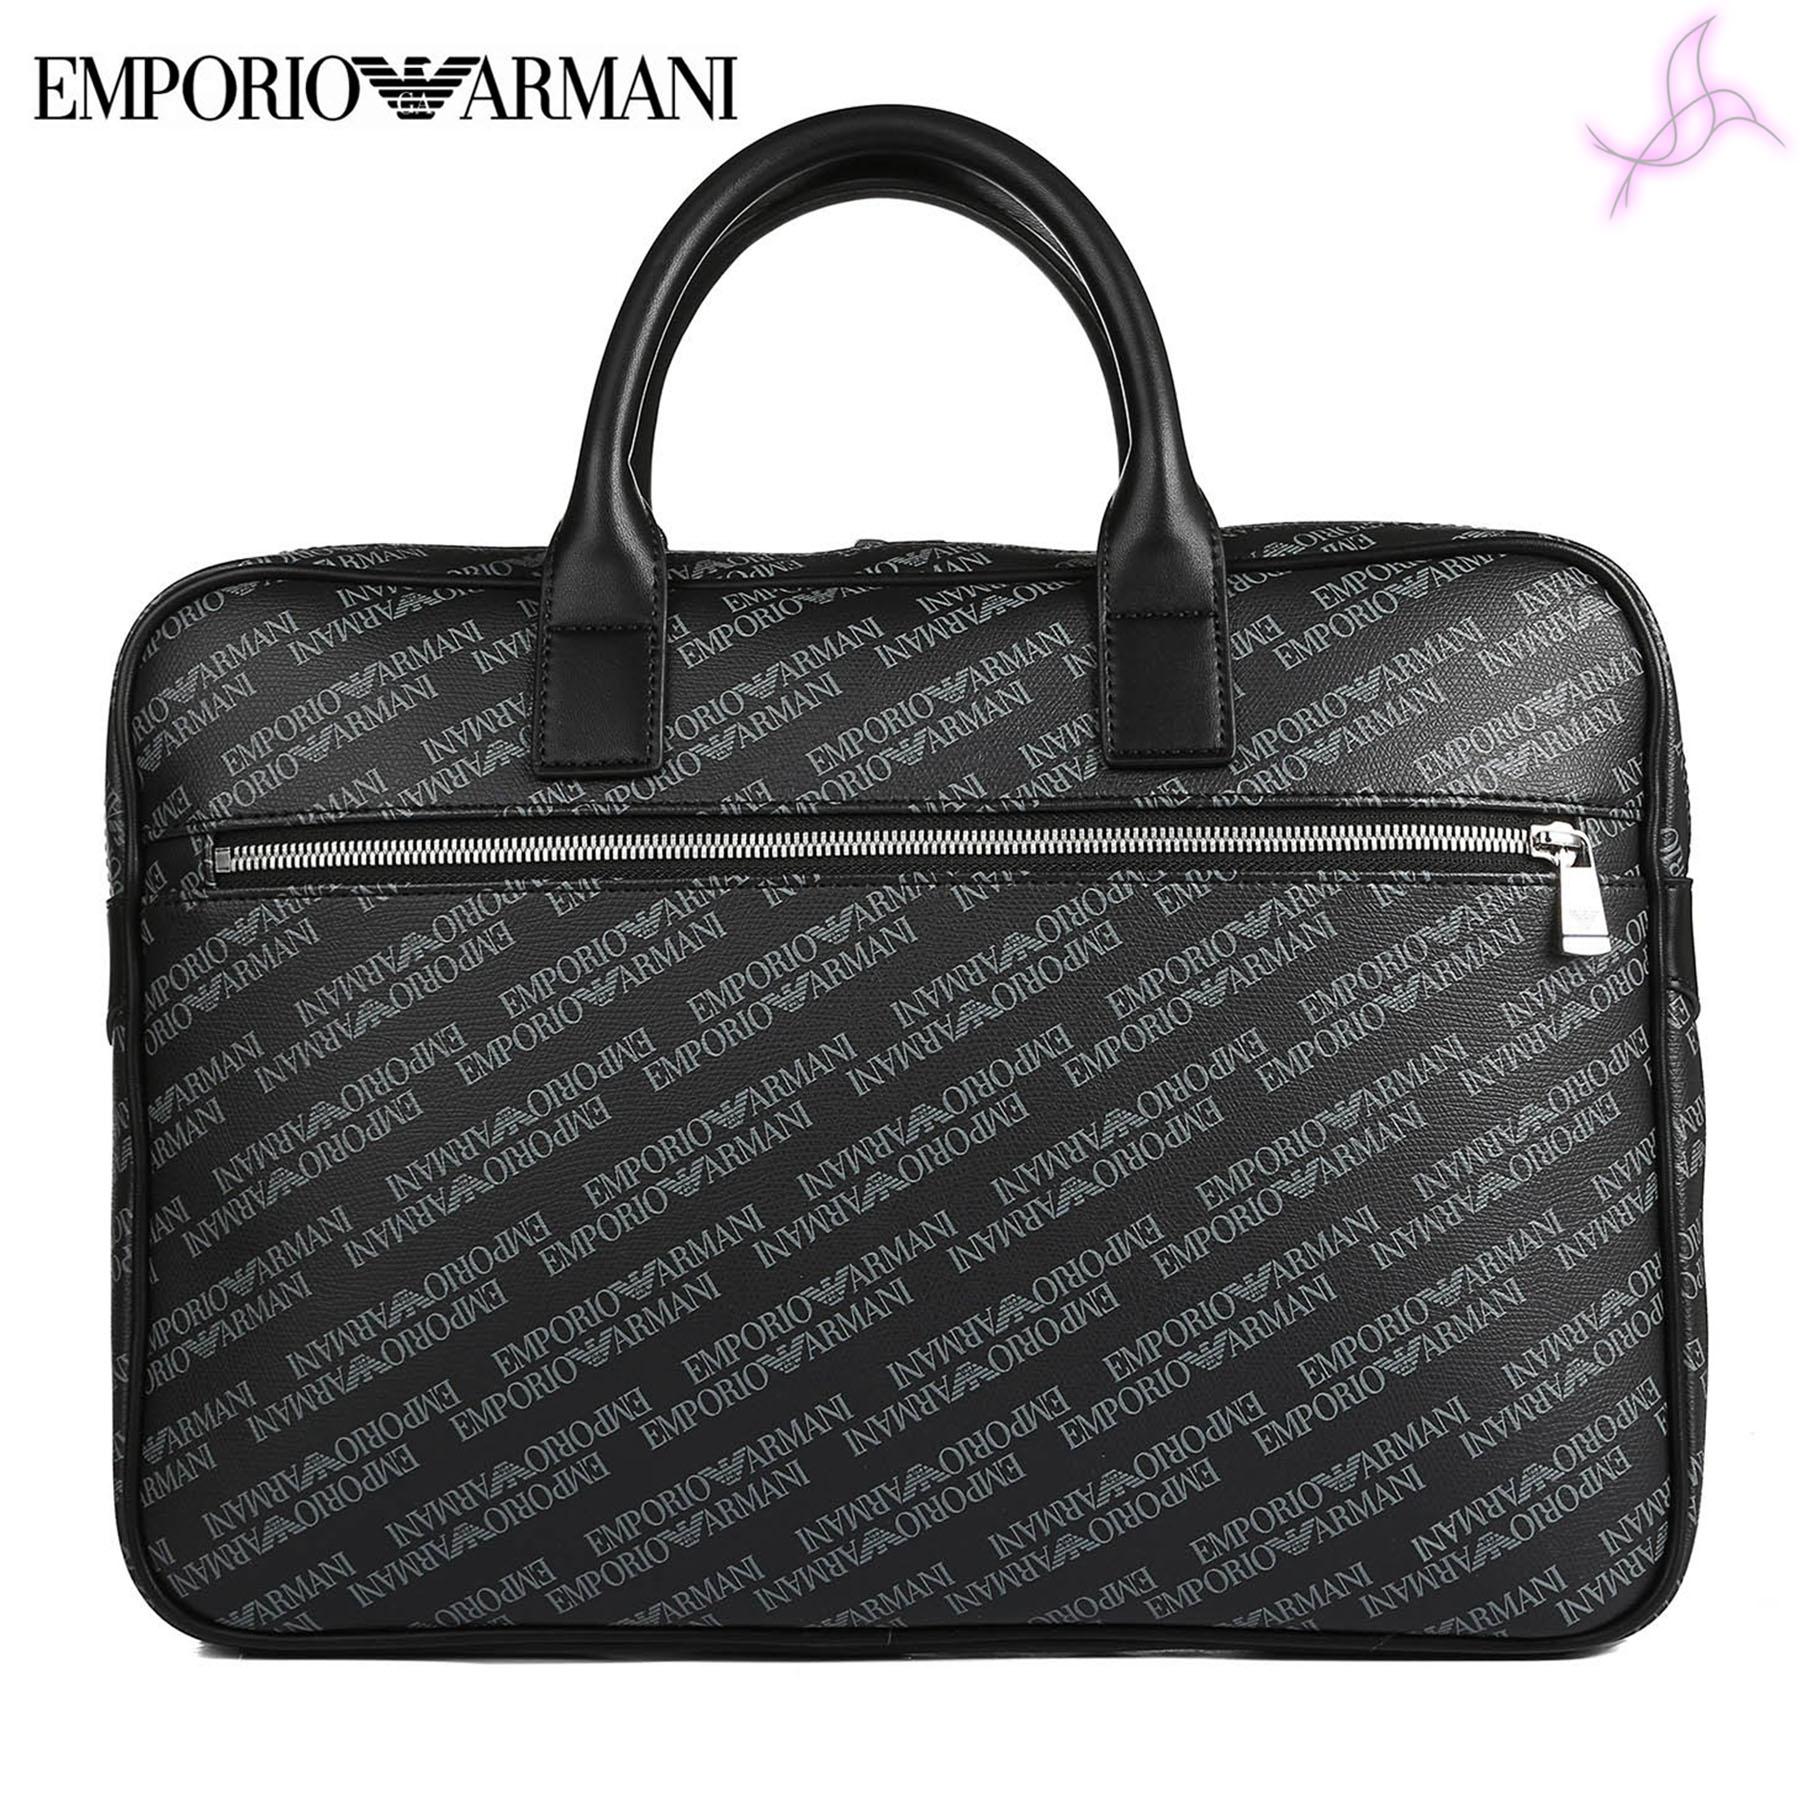 Briefcases Men Emporio Armani y4p092